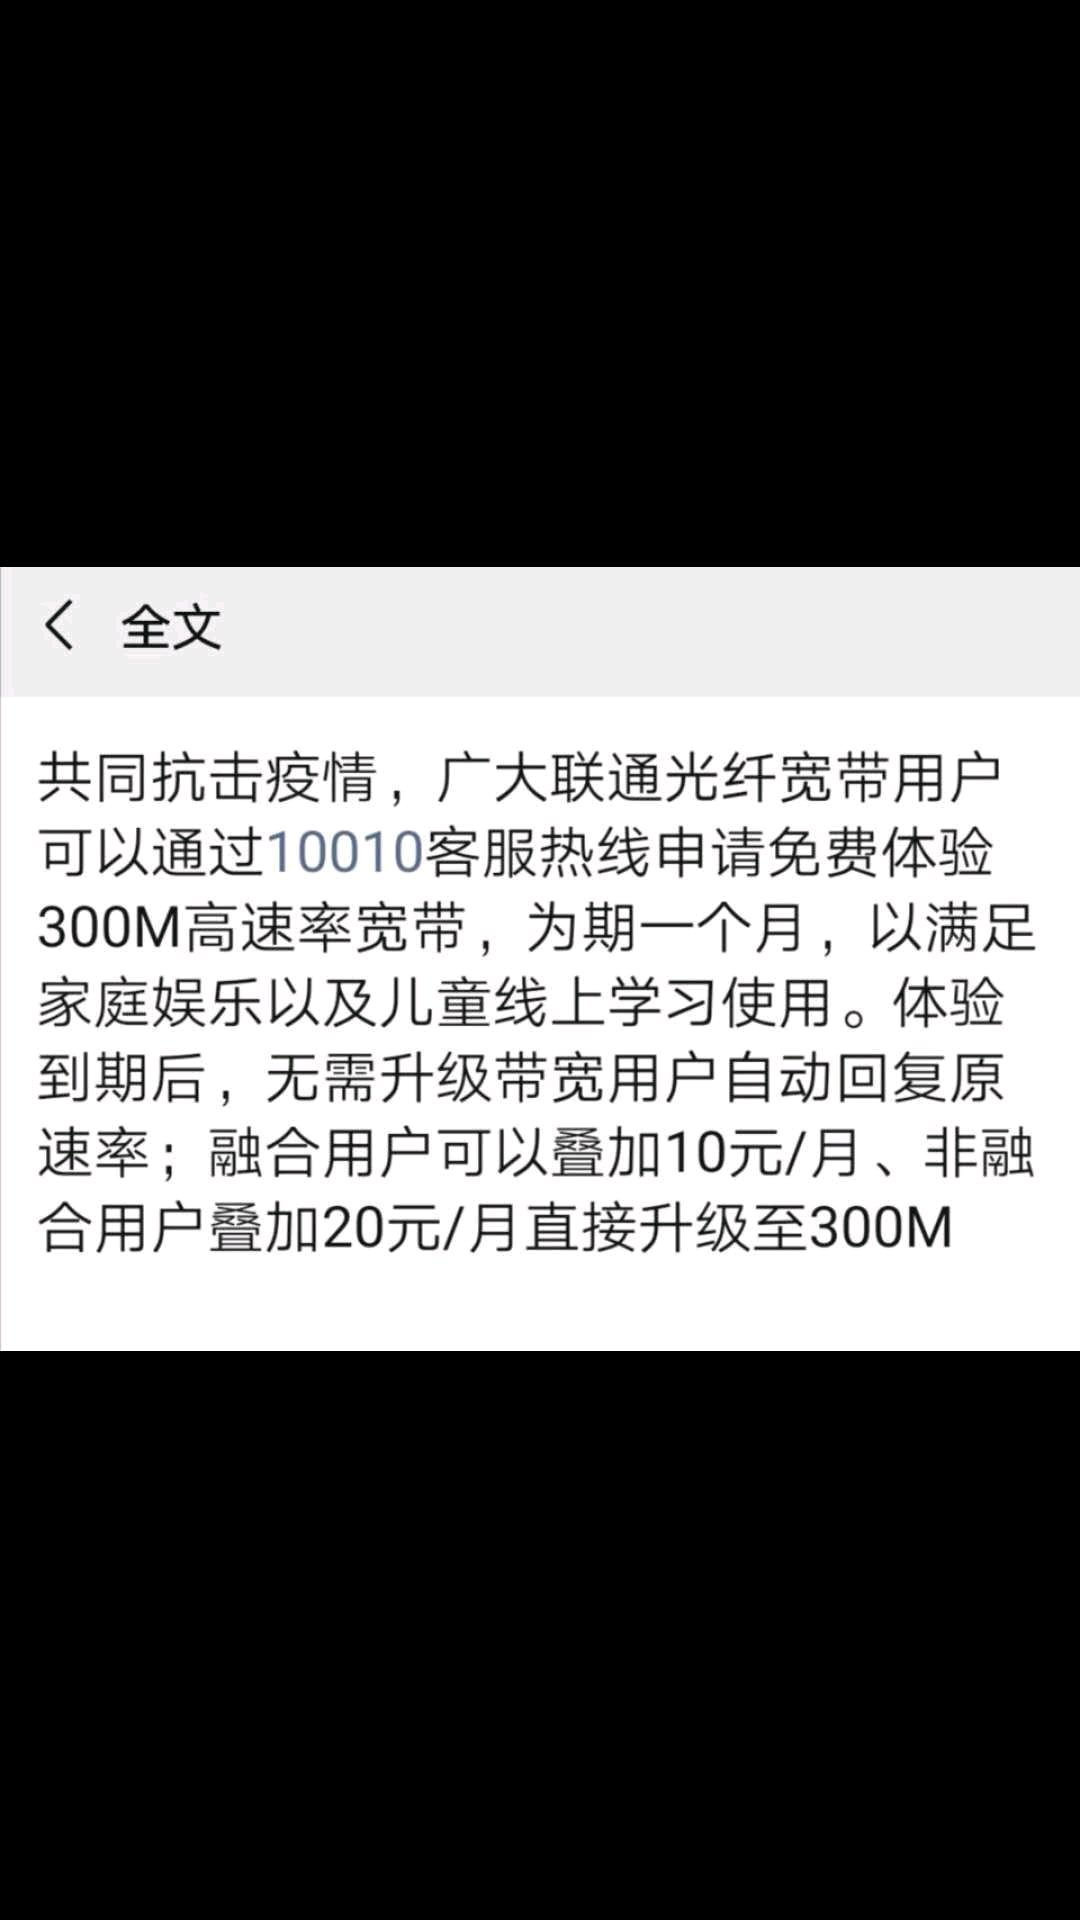 广东联通的mjj可以去申请下提速服务-图1